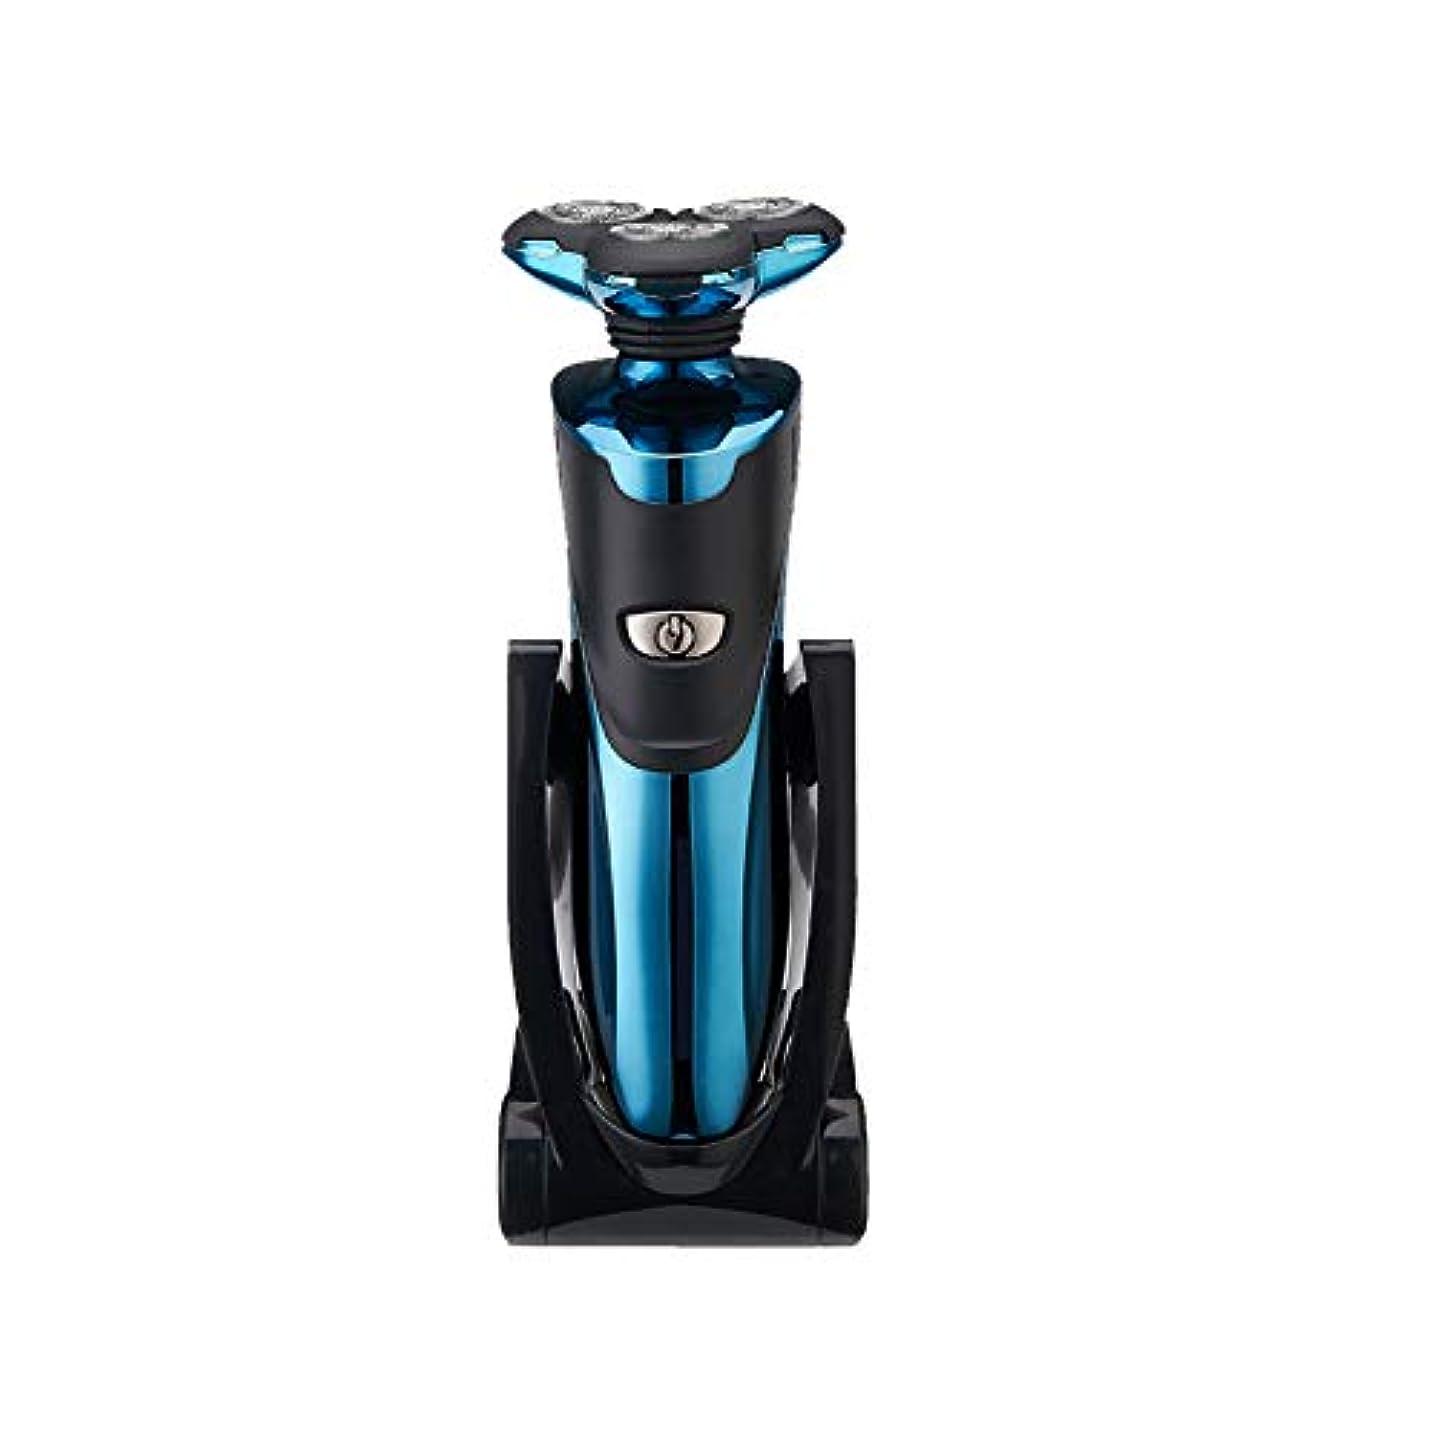 排出任命オーク4で1電気シェーバー男性かみそり4 d濡れた乾式ロータリーシェービングIpx 7防水2019年更新バージョンアダプター付きトリマーグルーミングキット,Blue